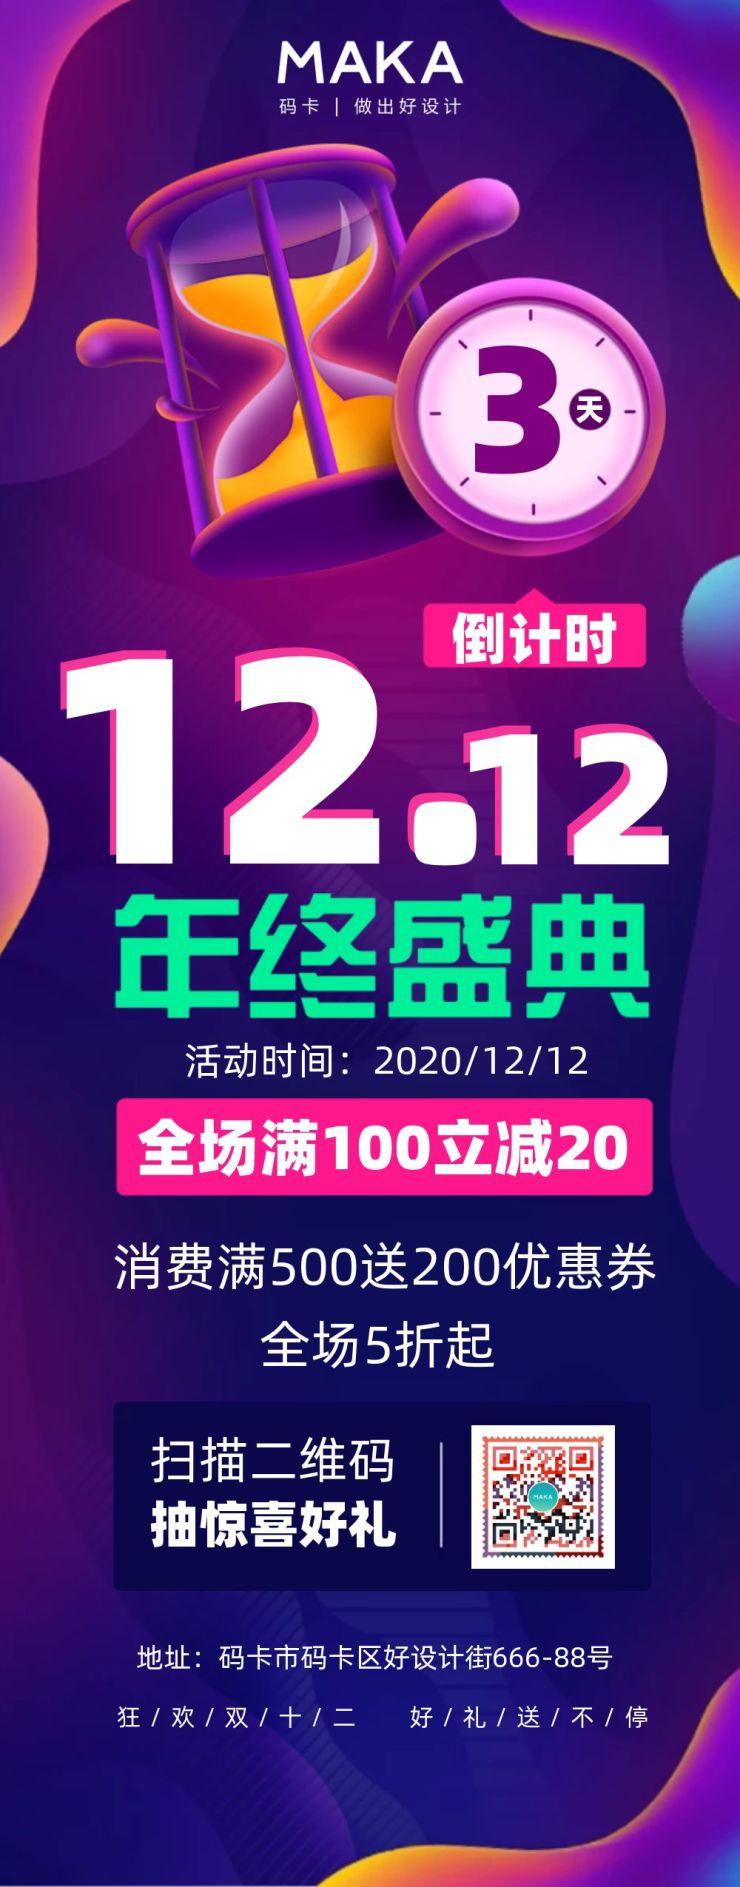 紫色时尚炫酷双十二年终钜惠电商促销活动文章长图